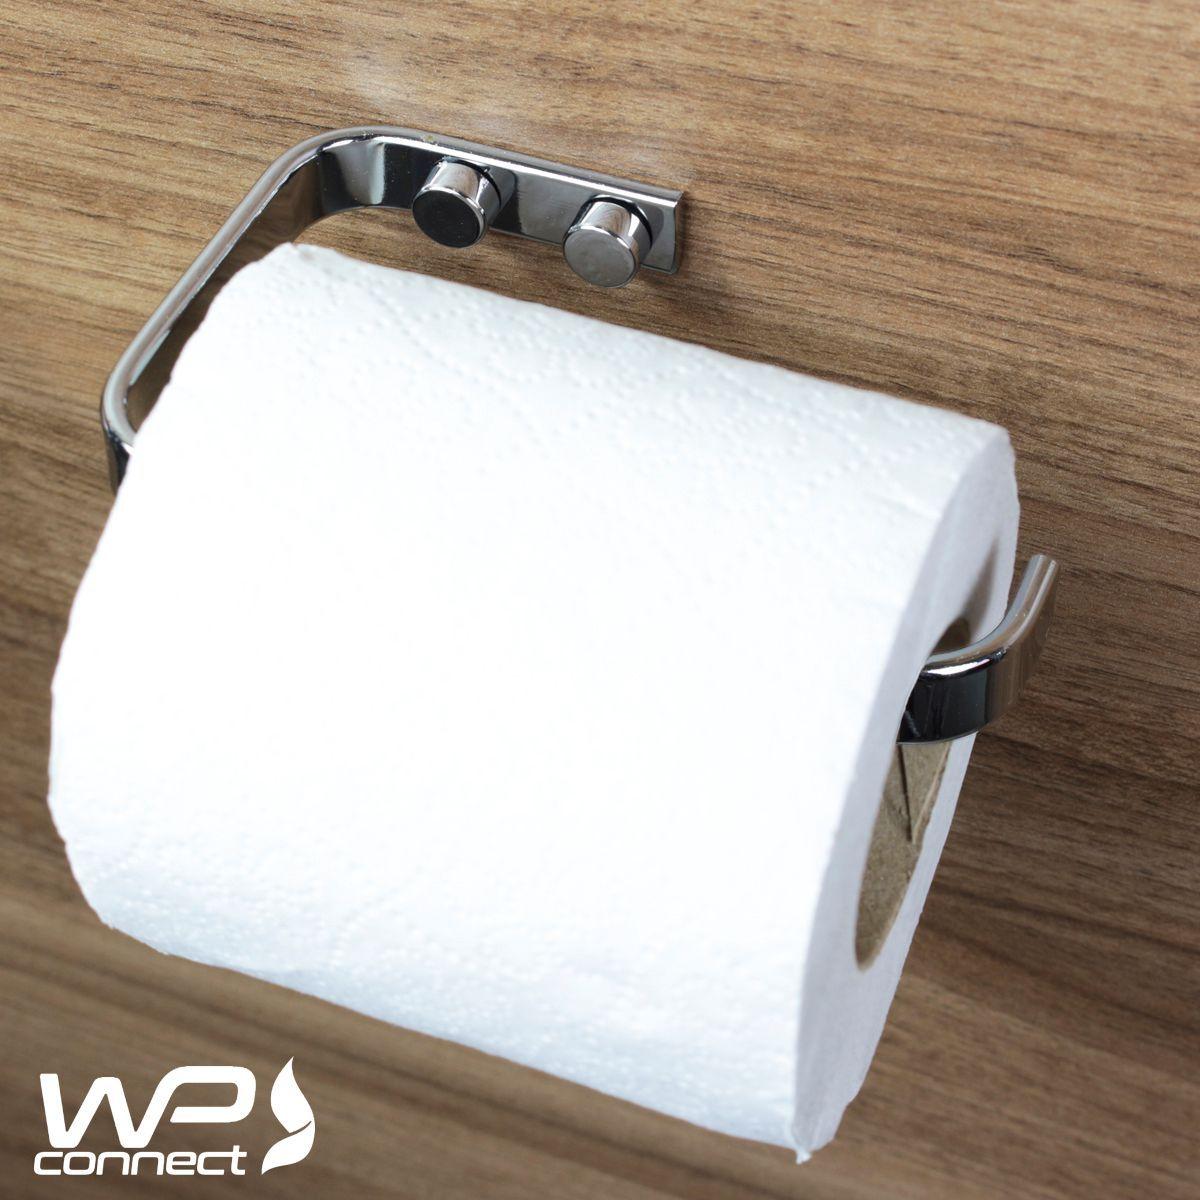 Suportes Organizadores Banheiro Kit 4 Peças - Cromado